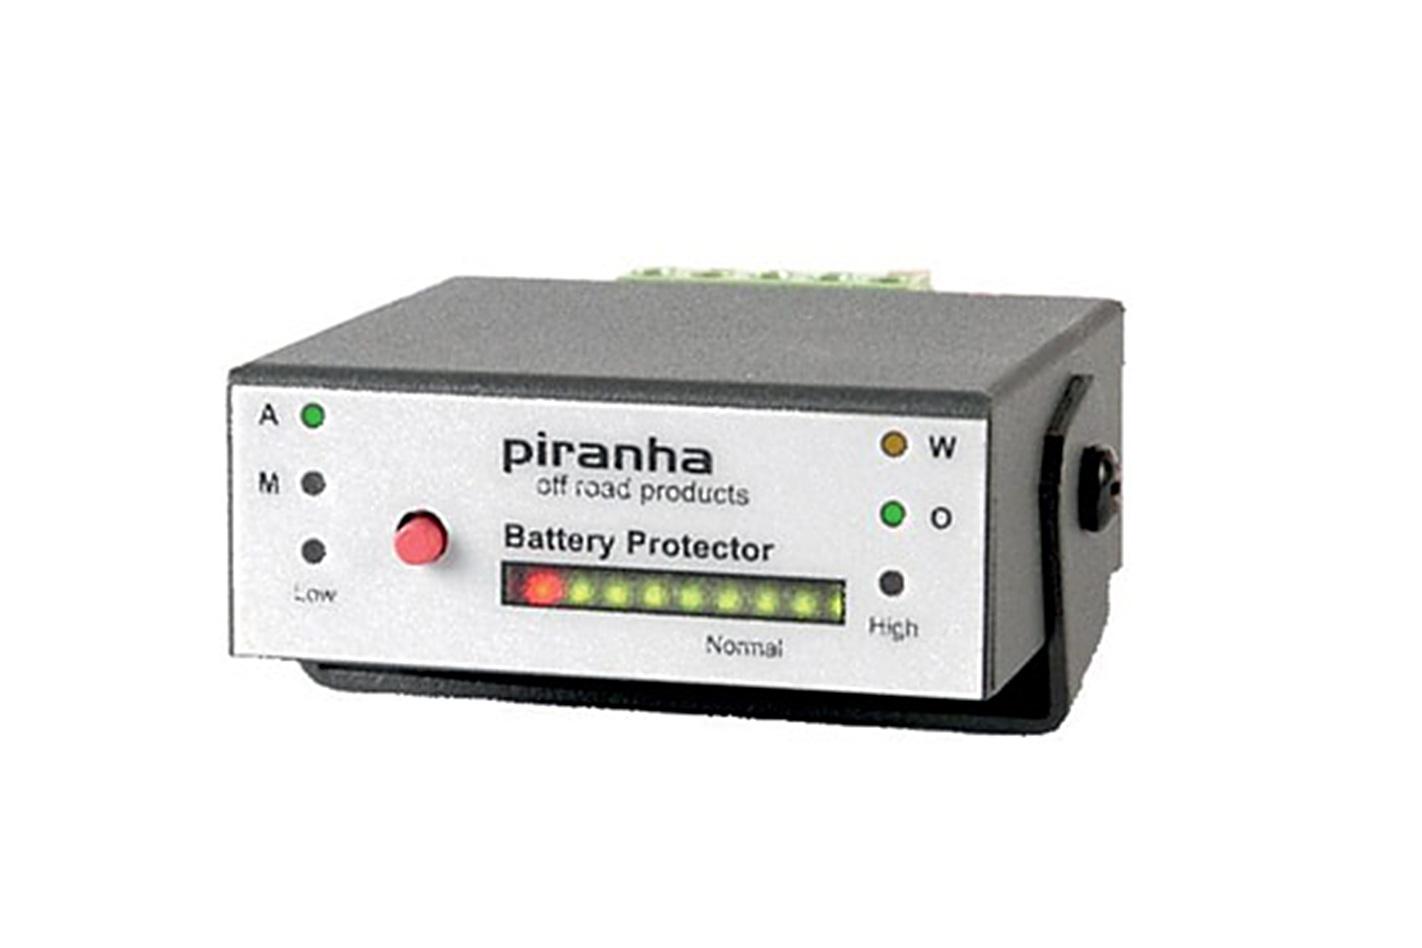 Piranha battery monitor